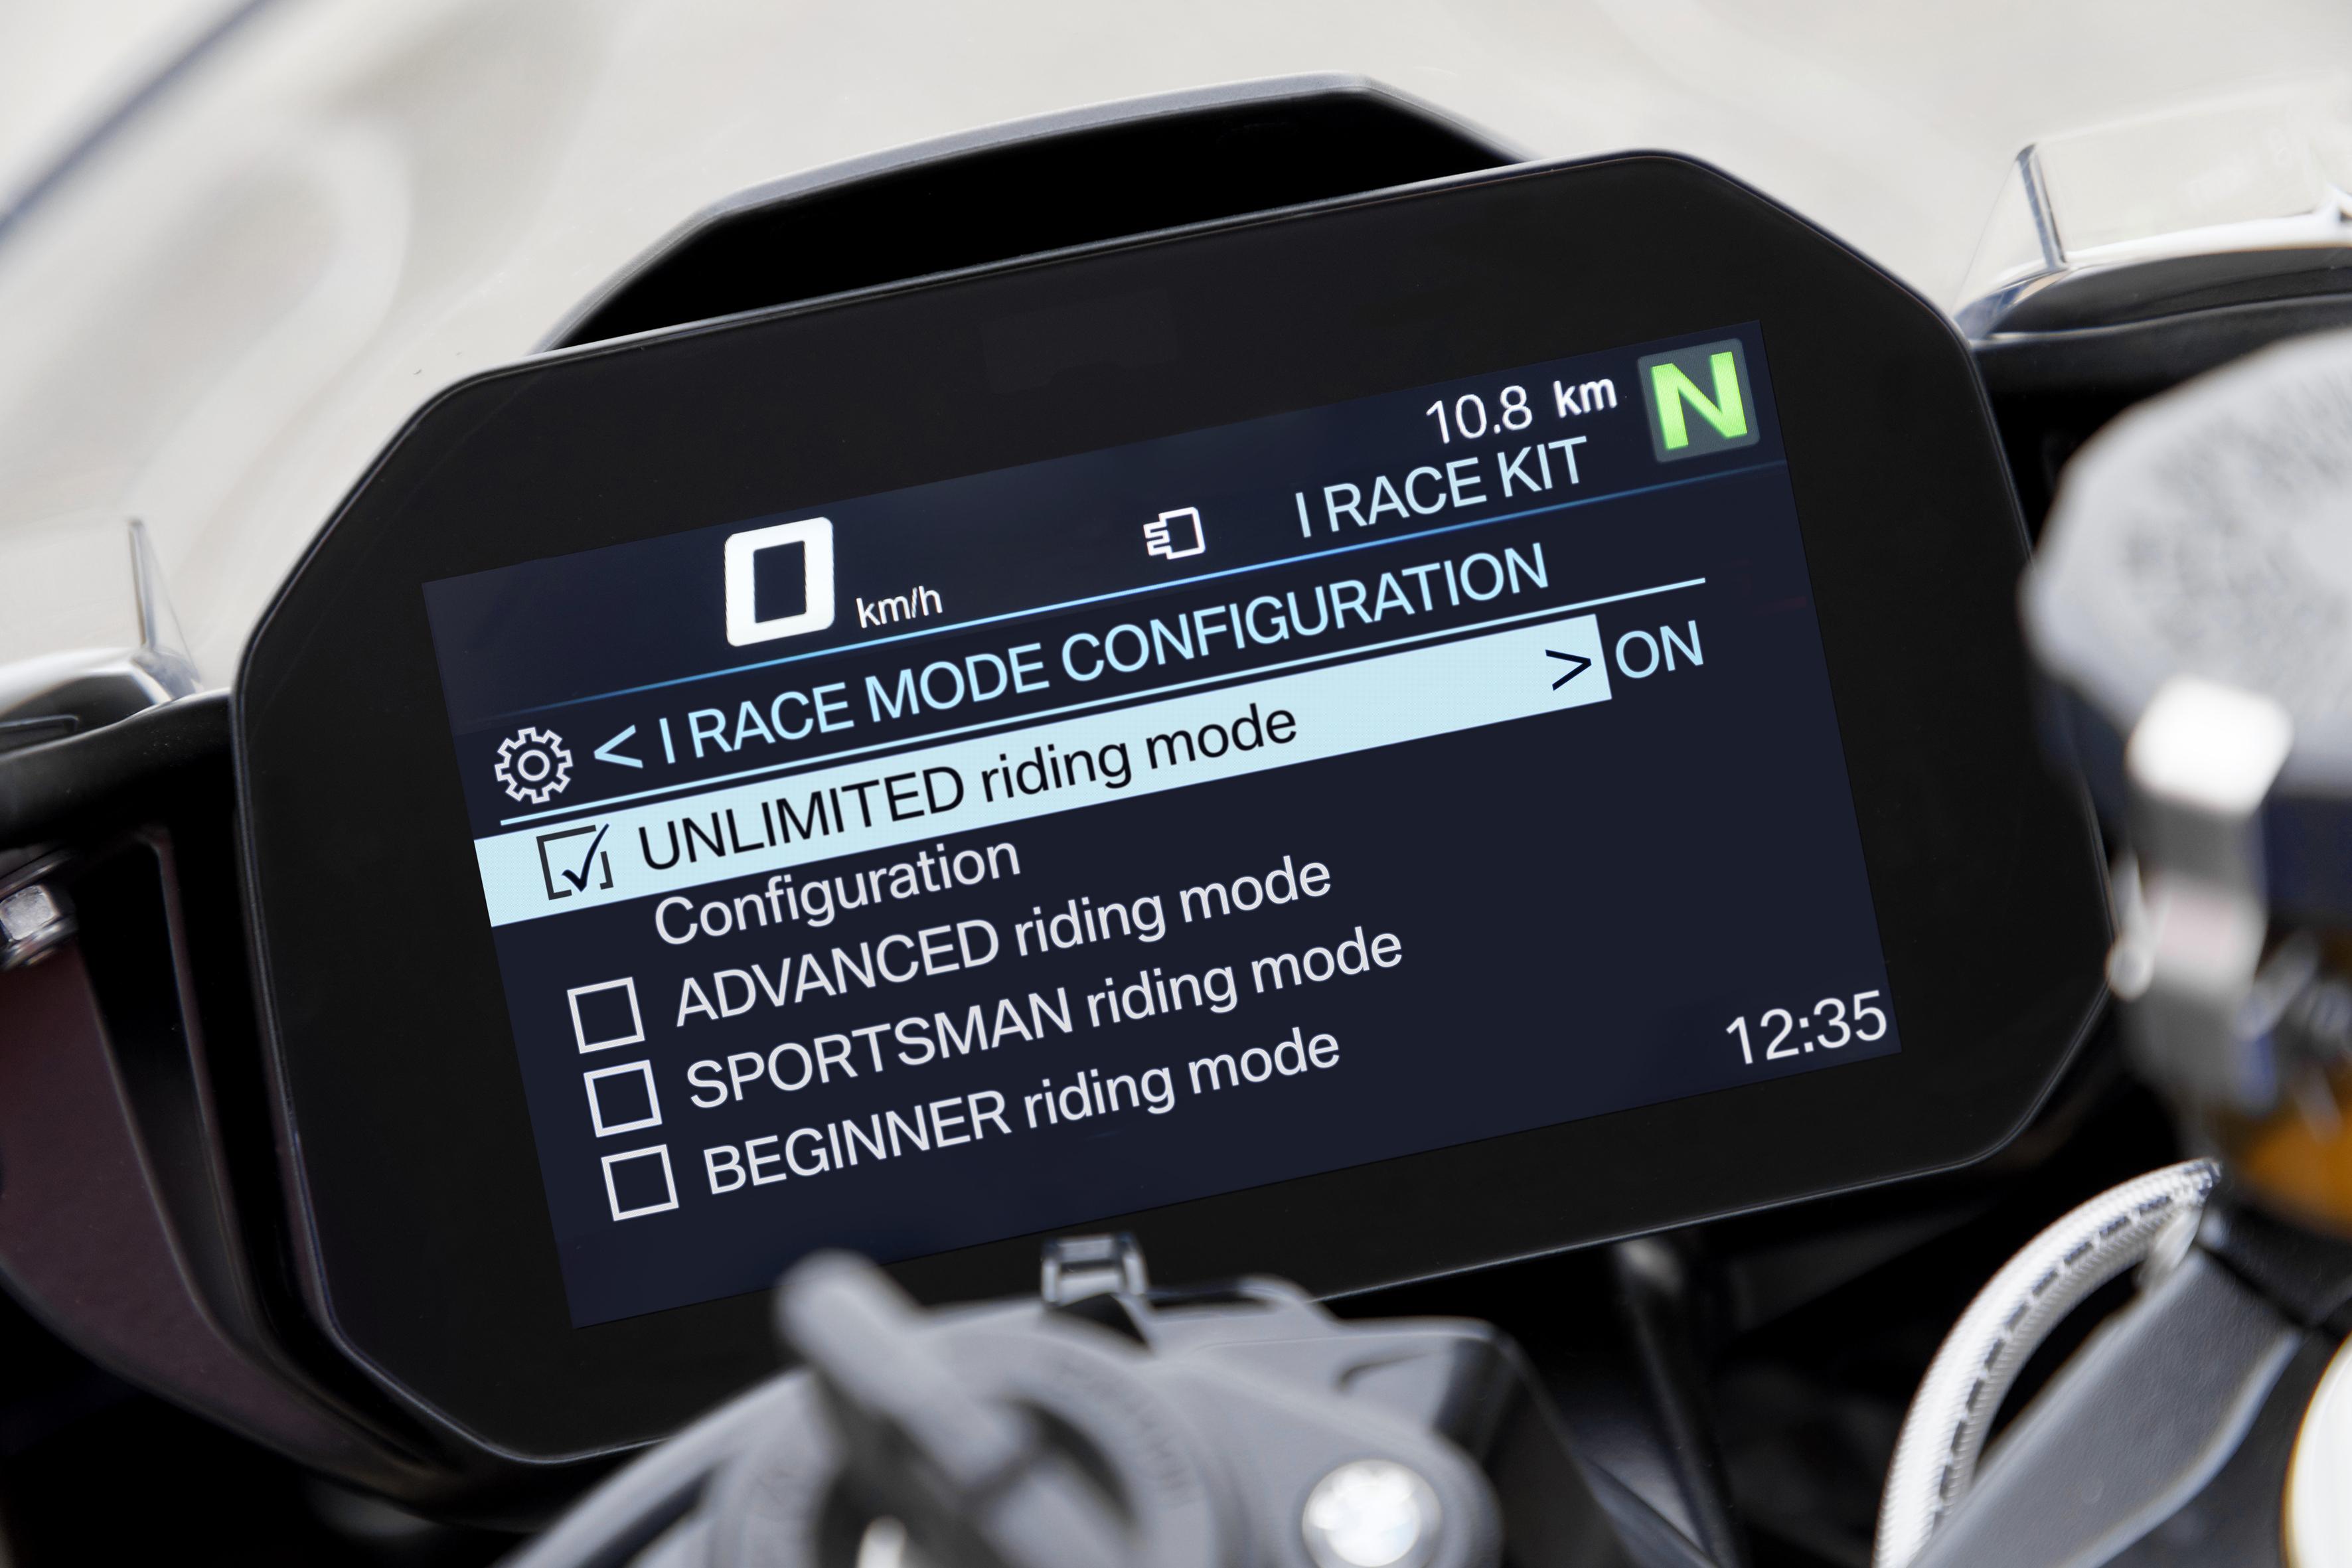 BMW Motorrad presents the autonomous iRace Kit for BMW S 1000 RR